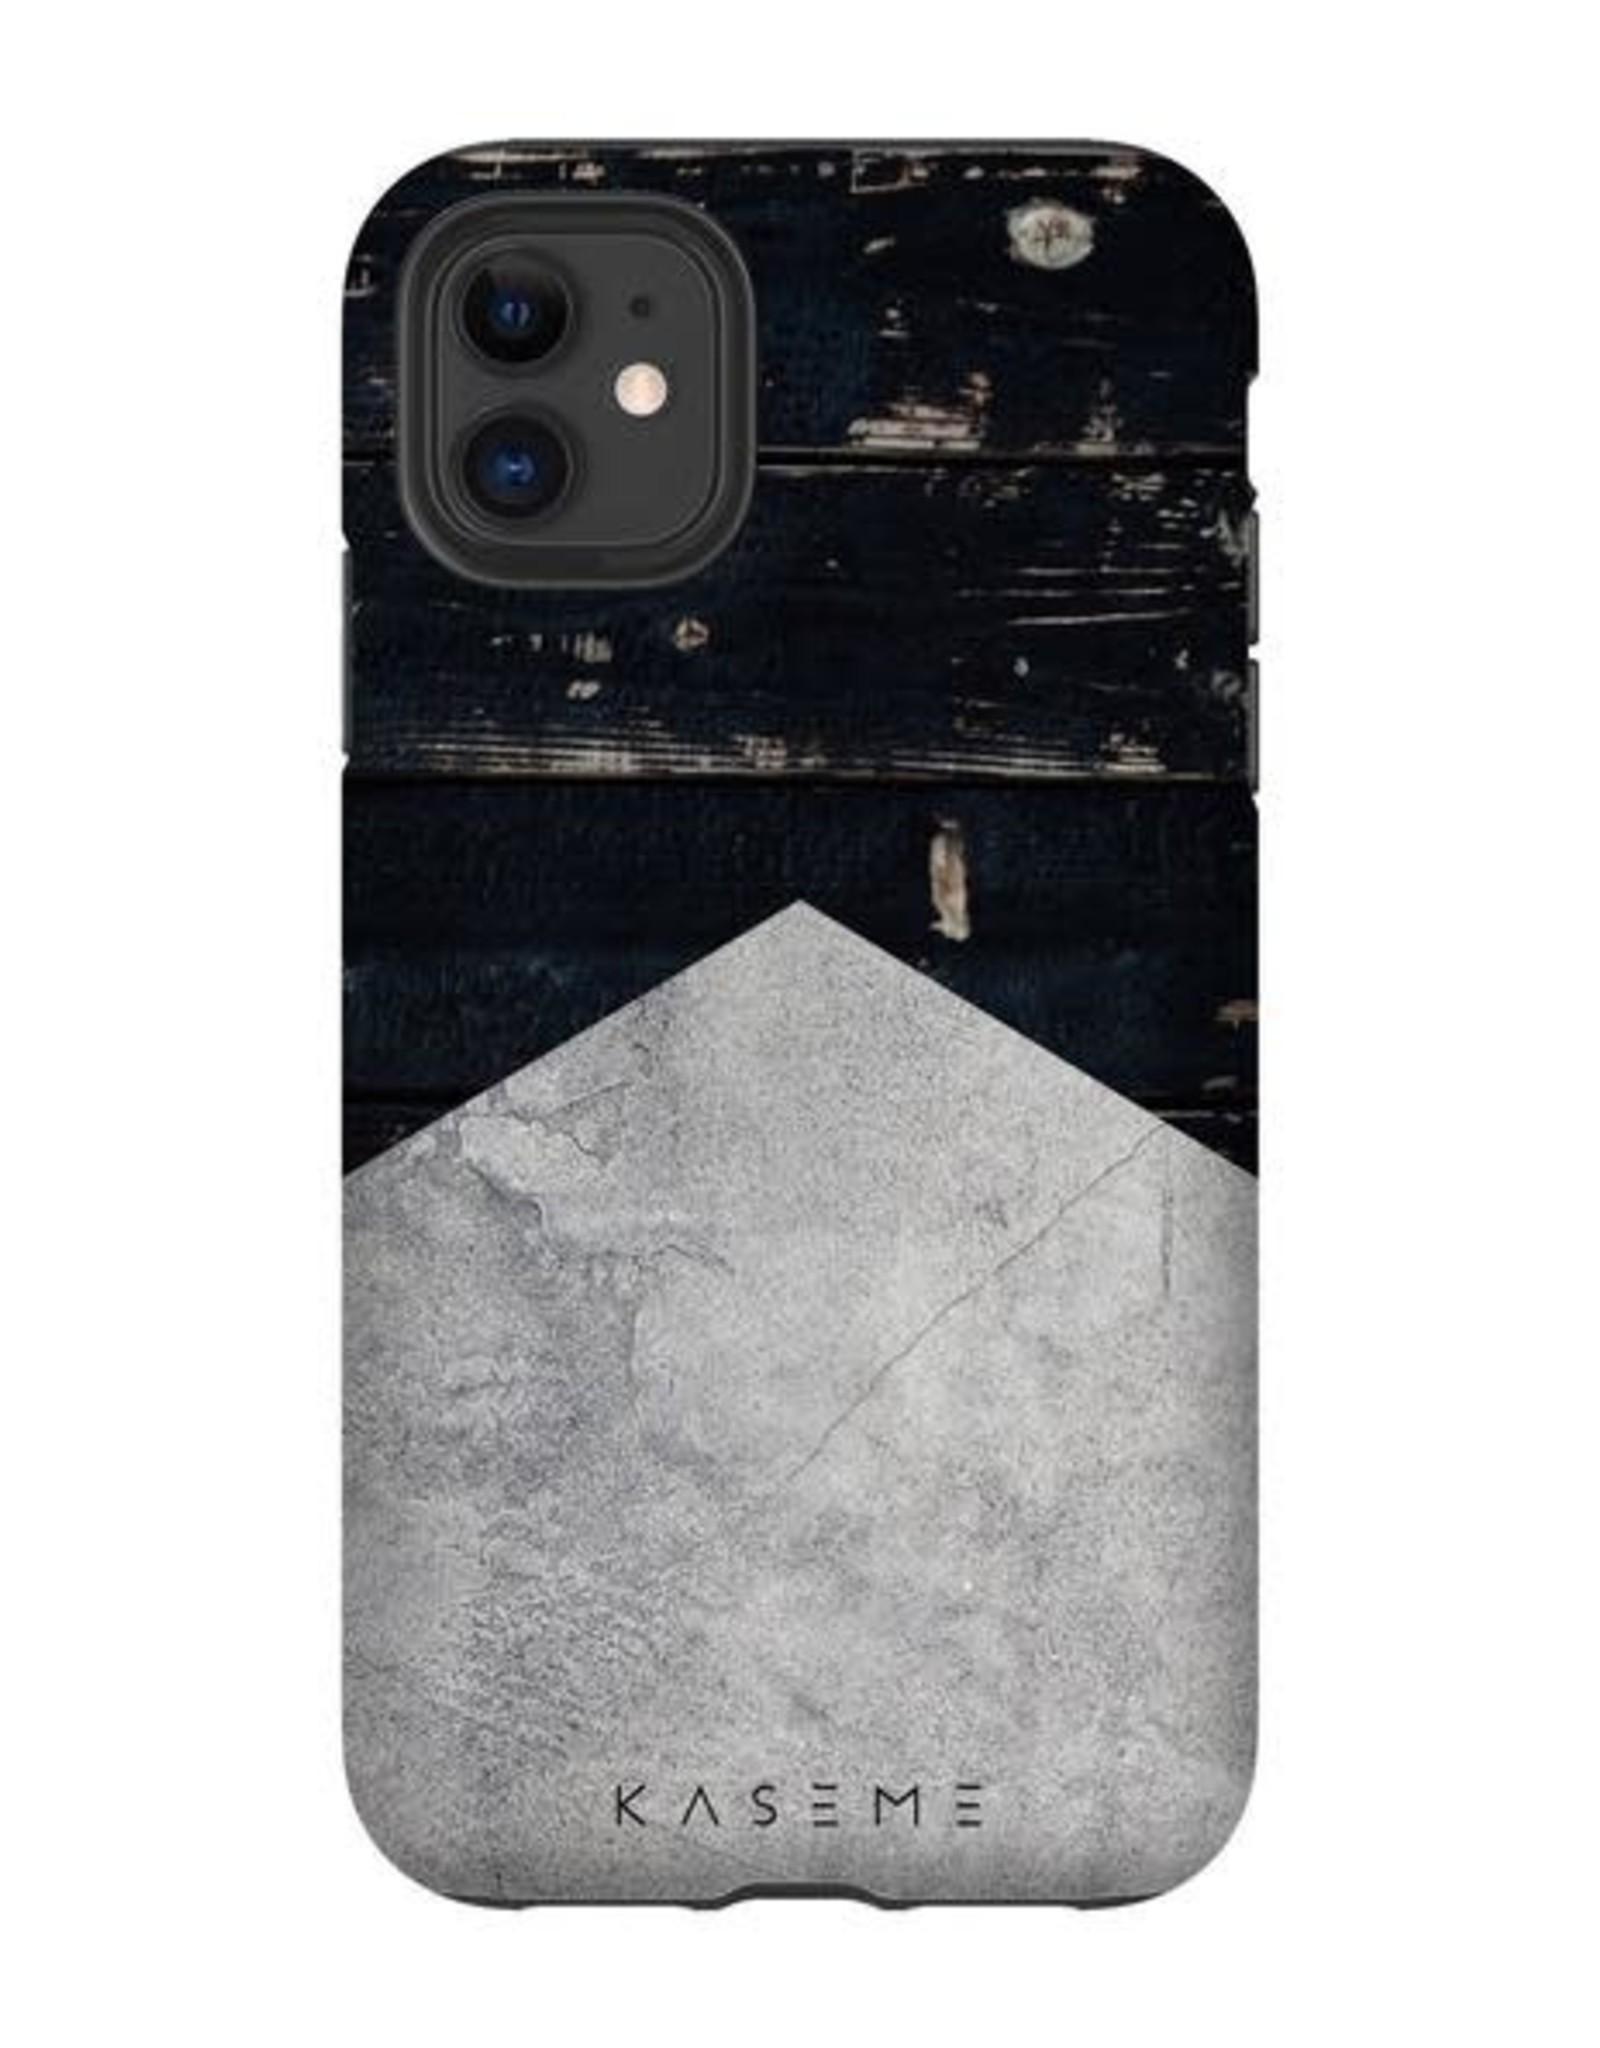 Kaseme Kaseme - Étui cellulaire industrial